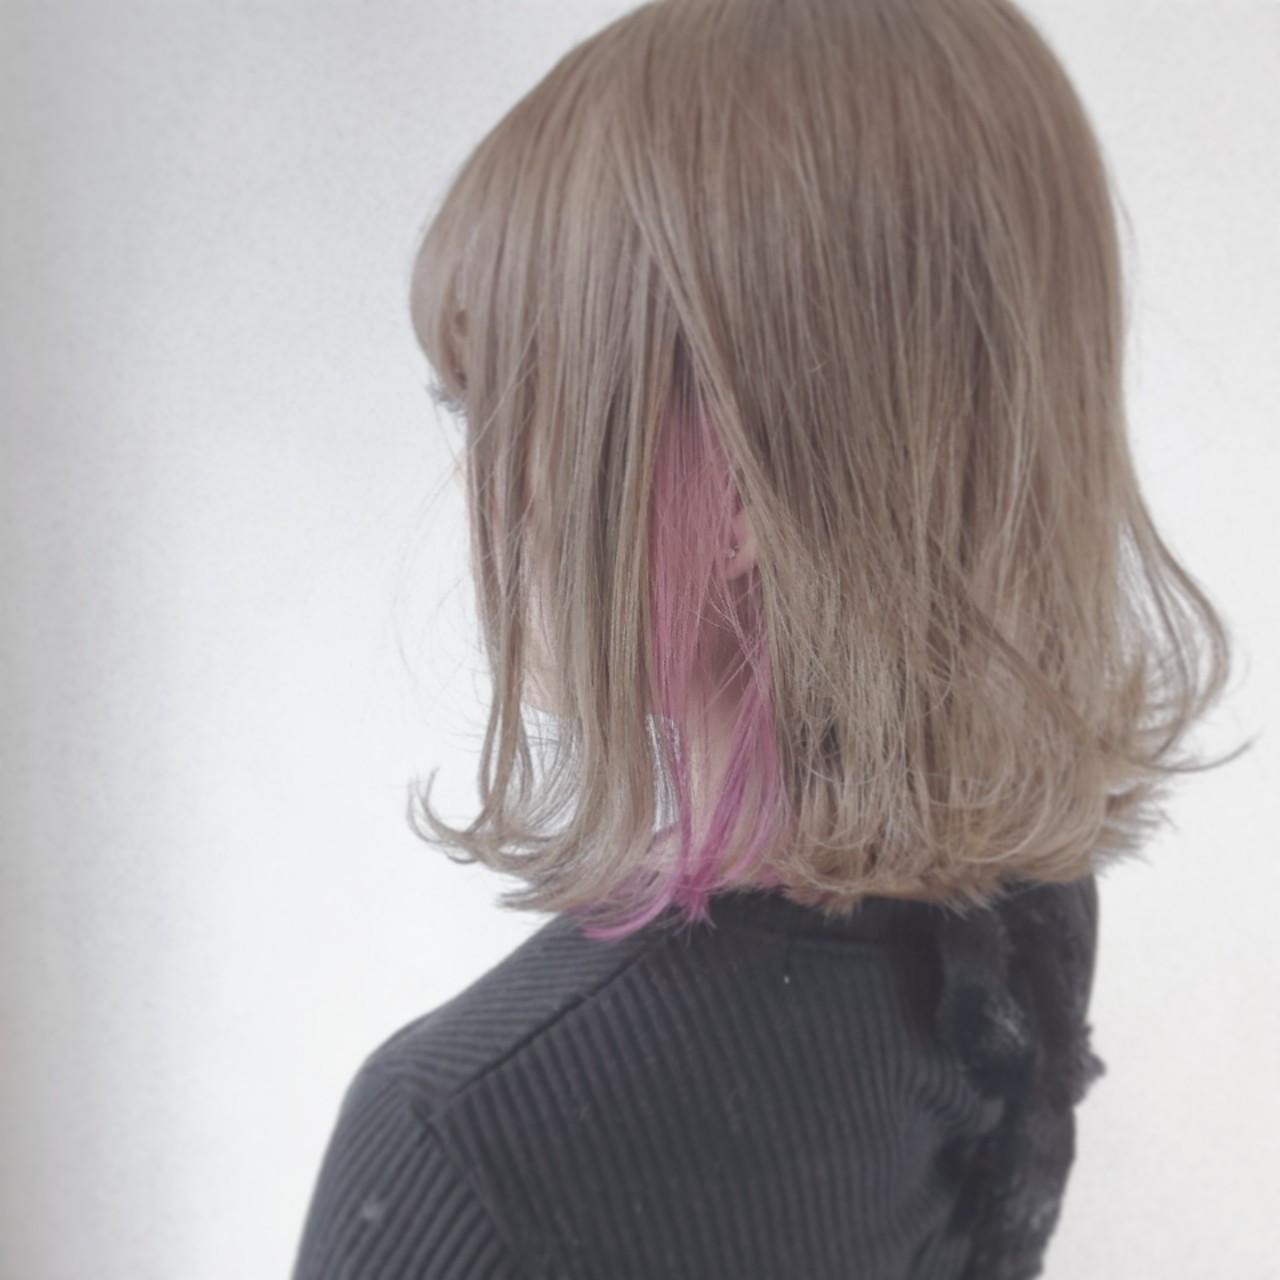 毛先の揺れでカラーの違いを楽しむインナーカラー 河原一平